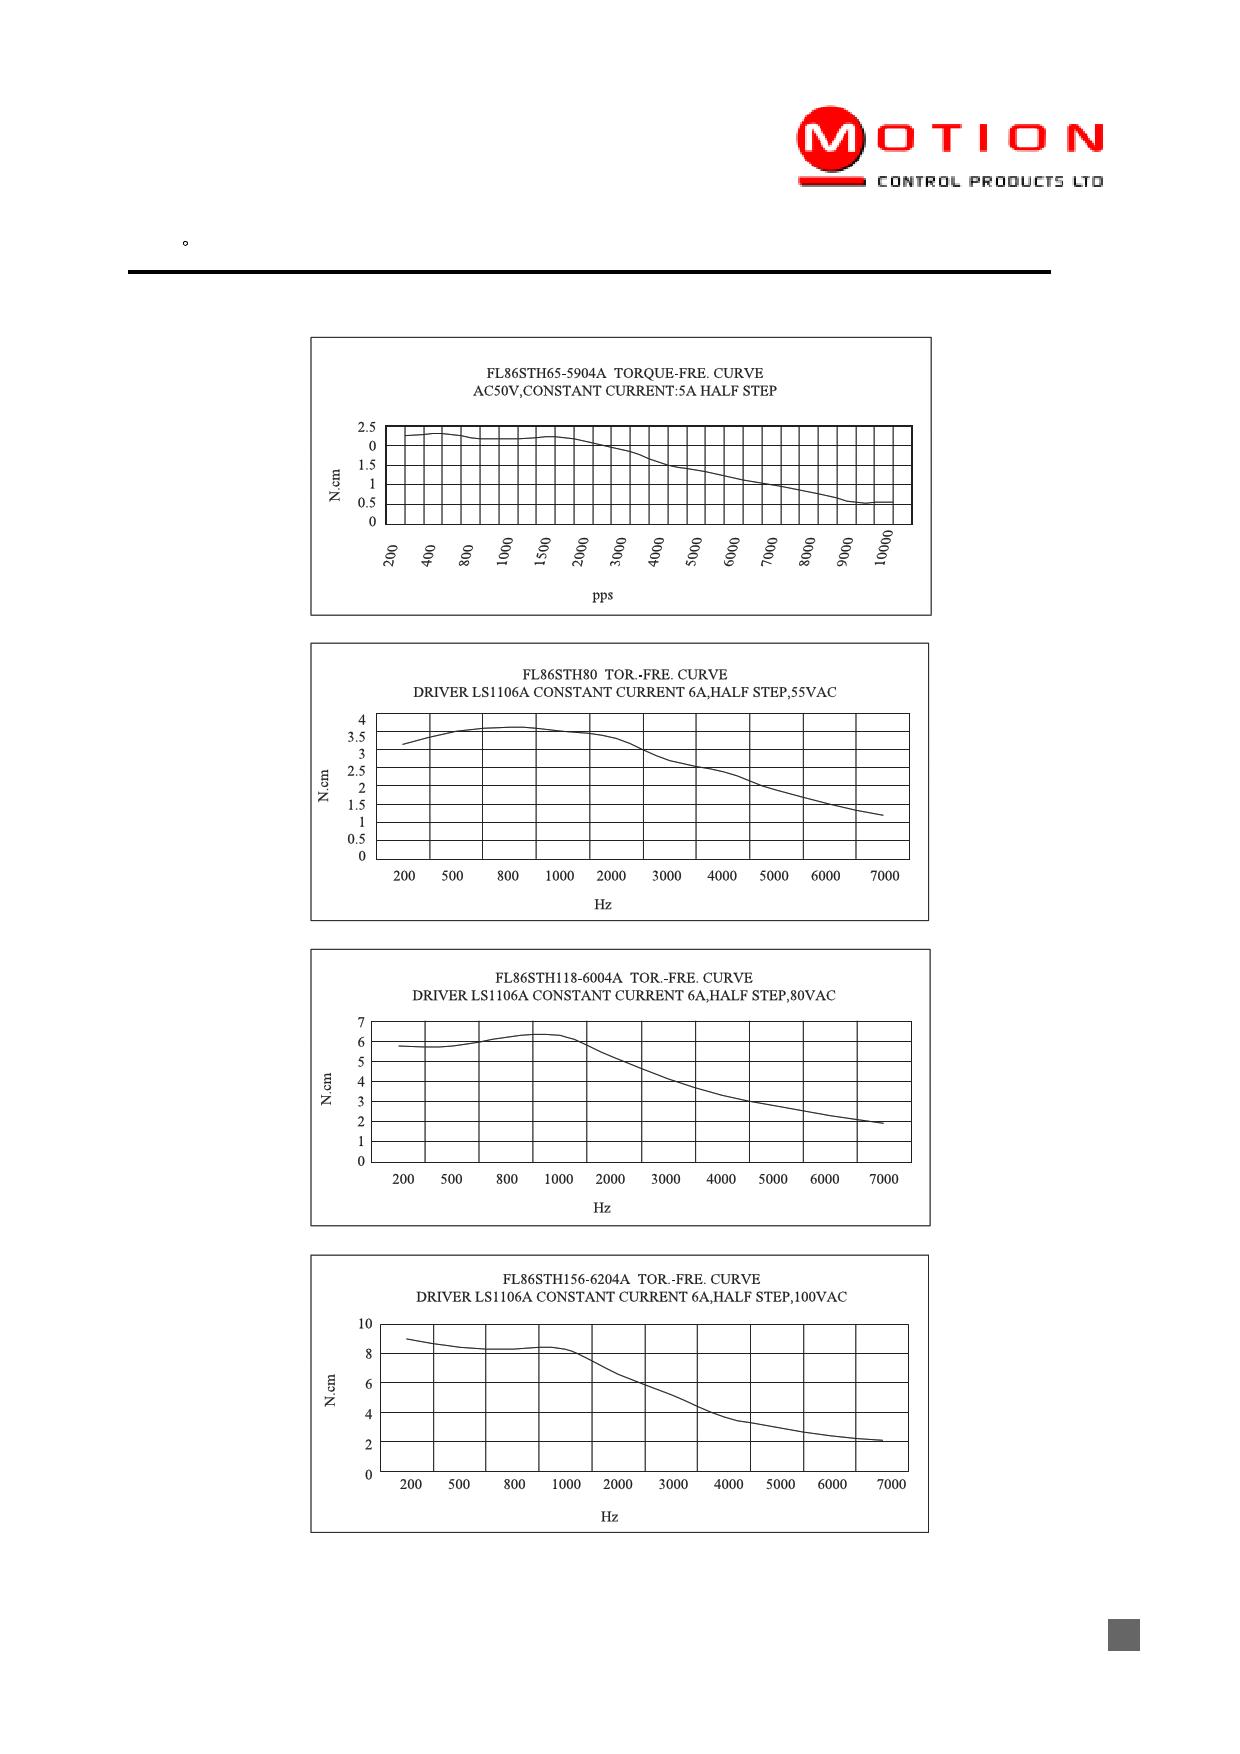 FL86STH118-6004B pdf, 電子部品, 半導体, ピン配列